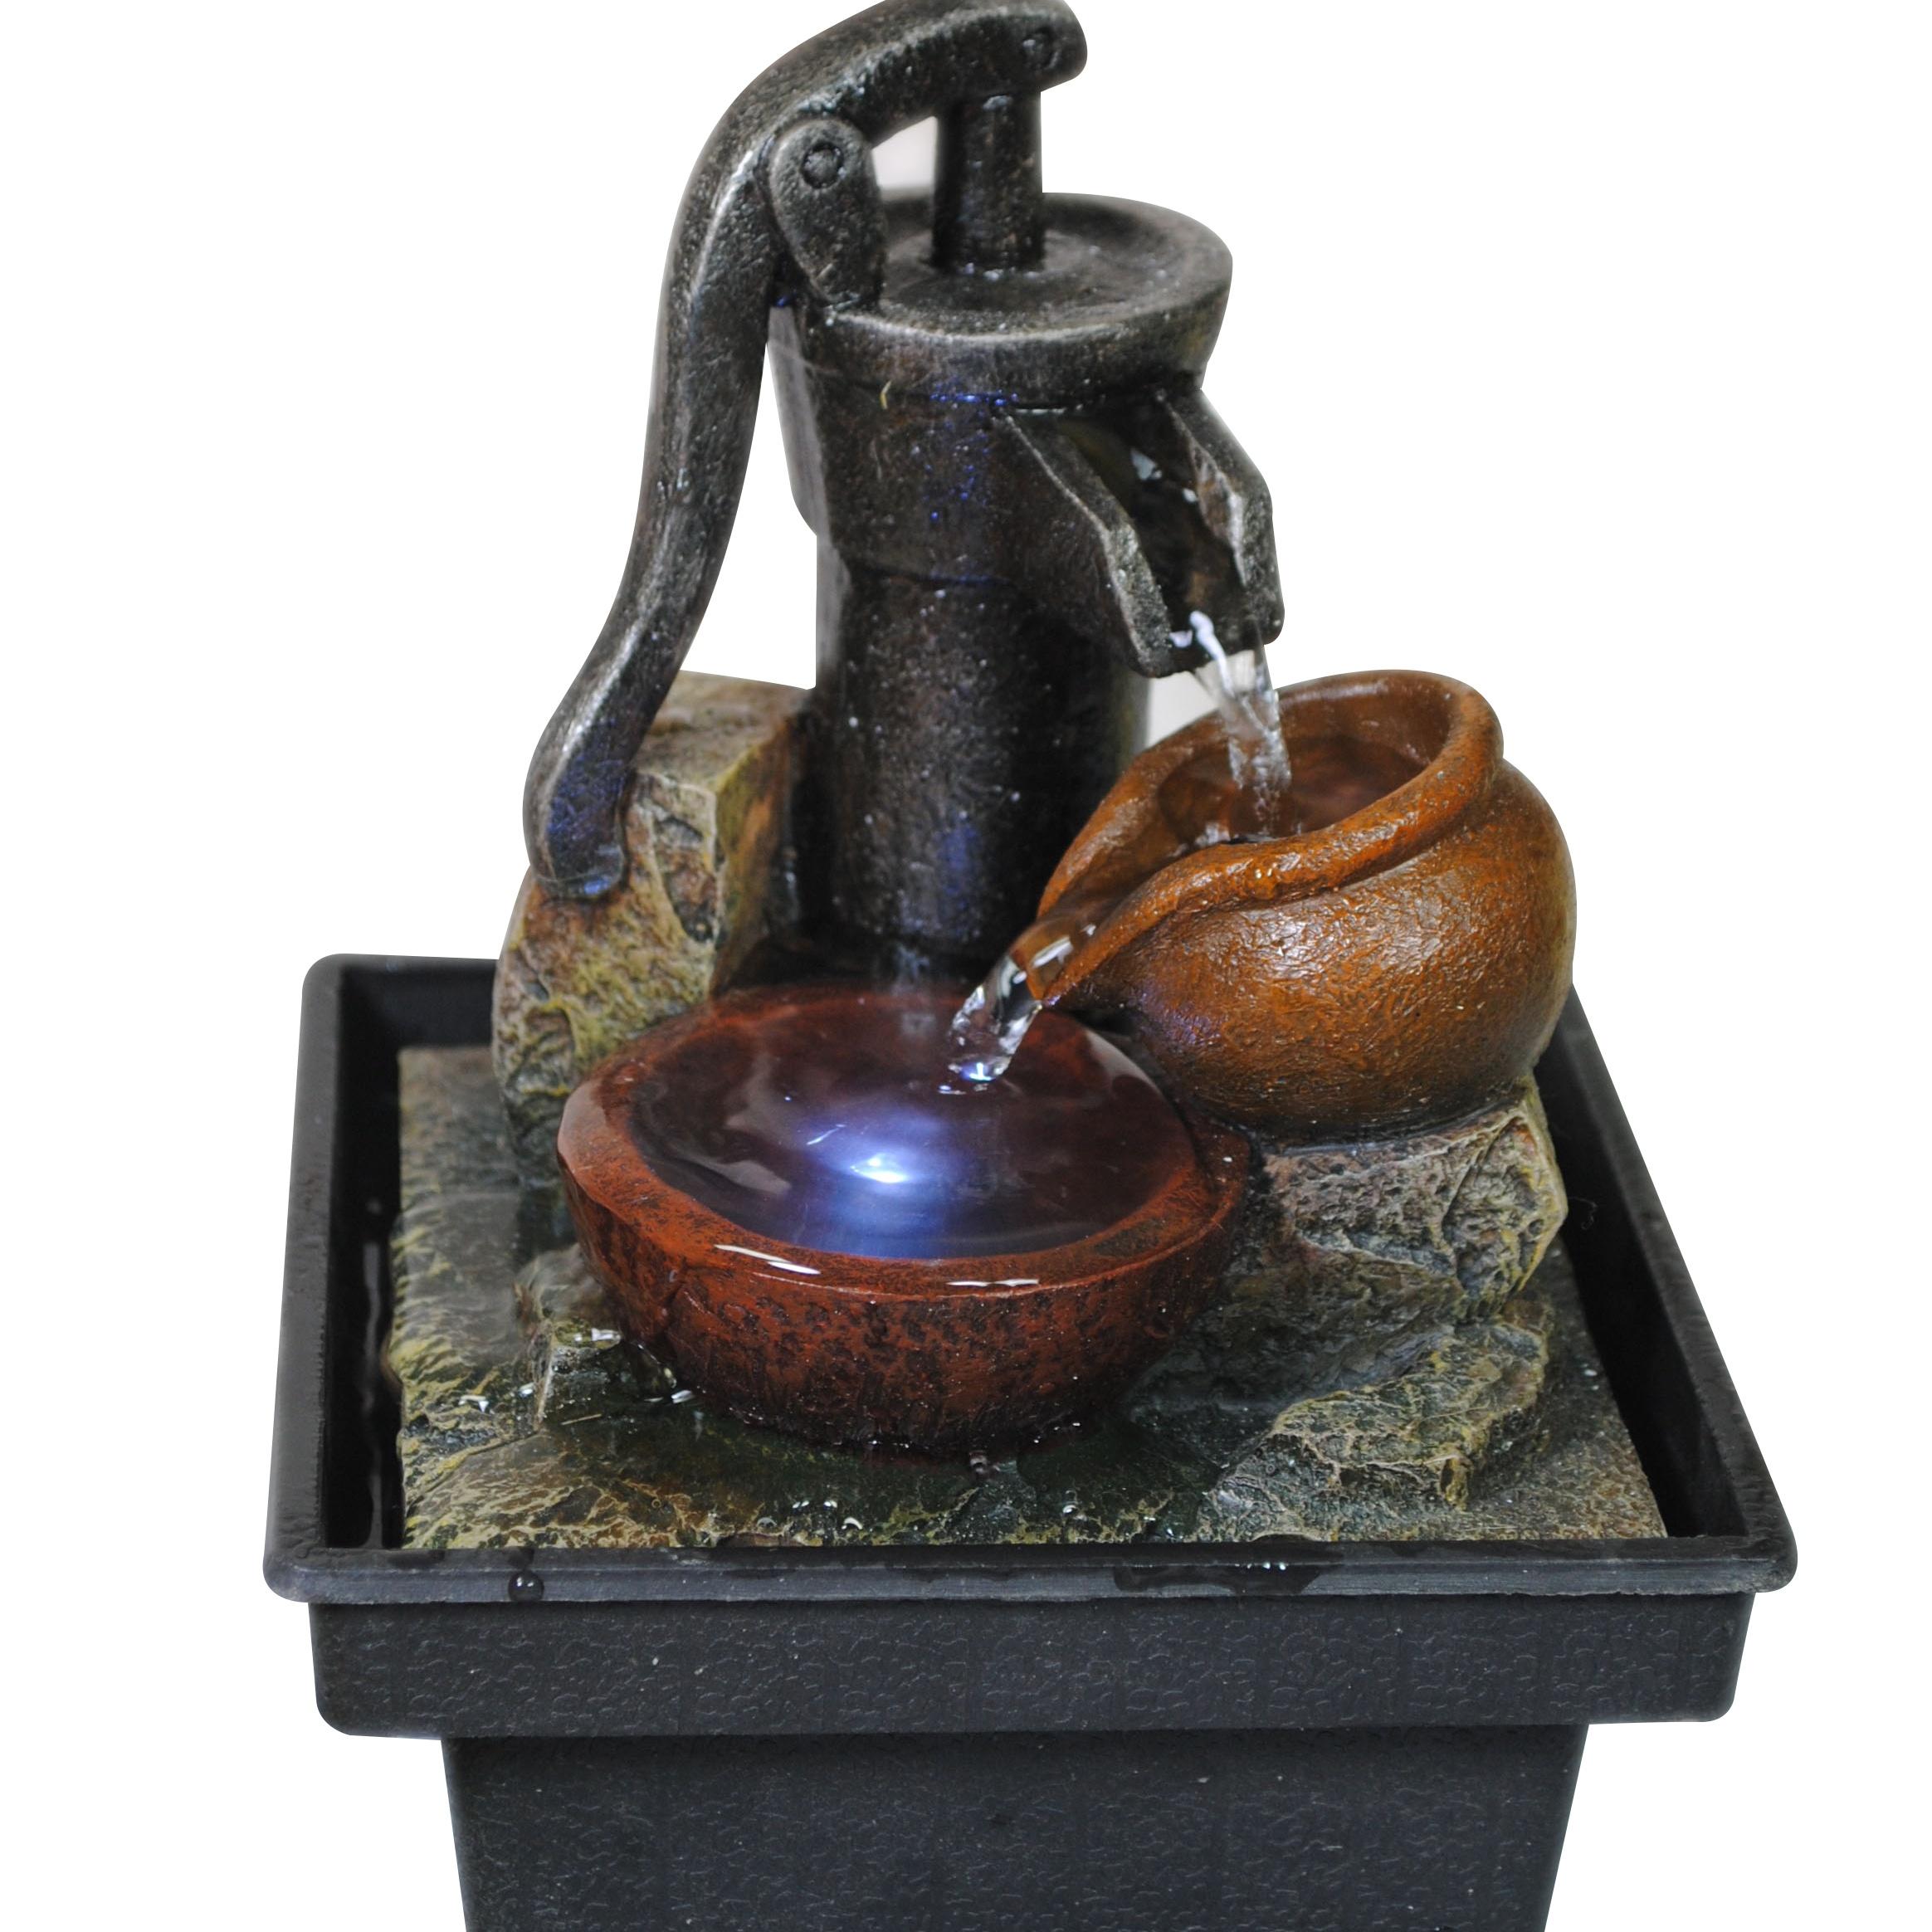 Декоративные элементы для гостиной фонтан с водяным шаром украшение дома со светодиодной подсветкой